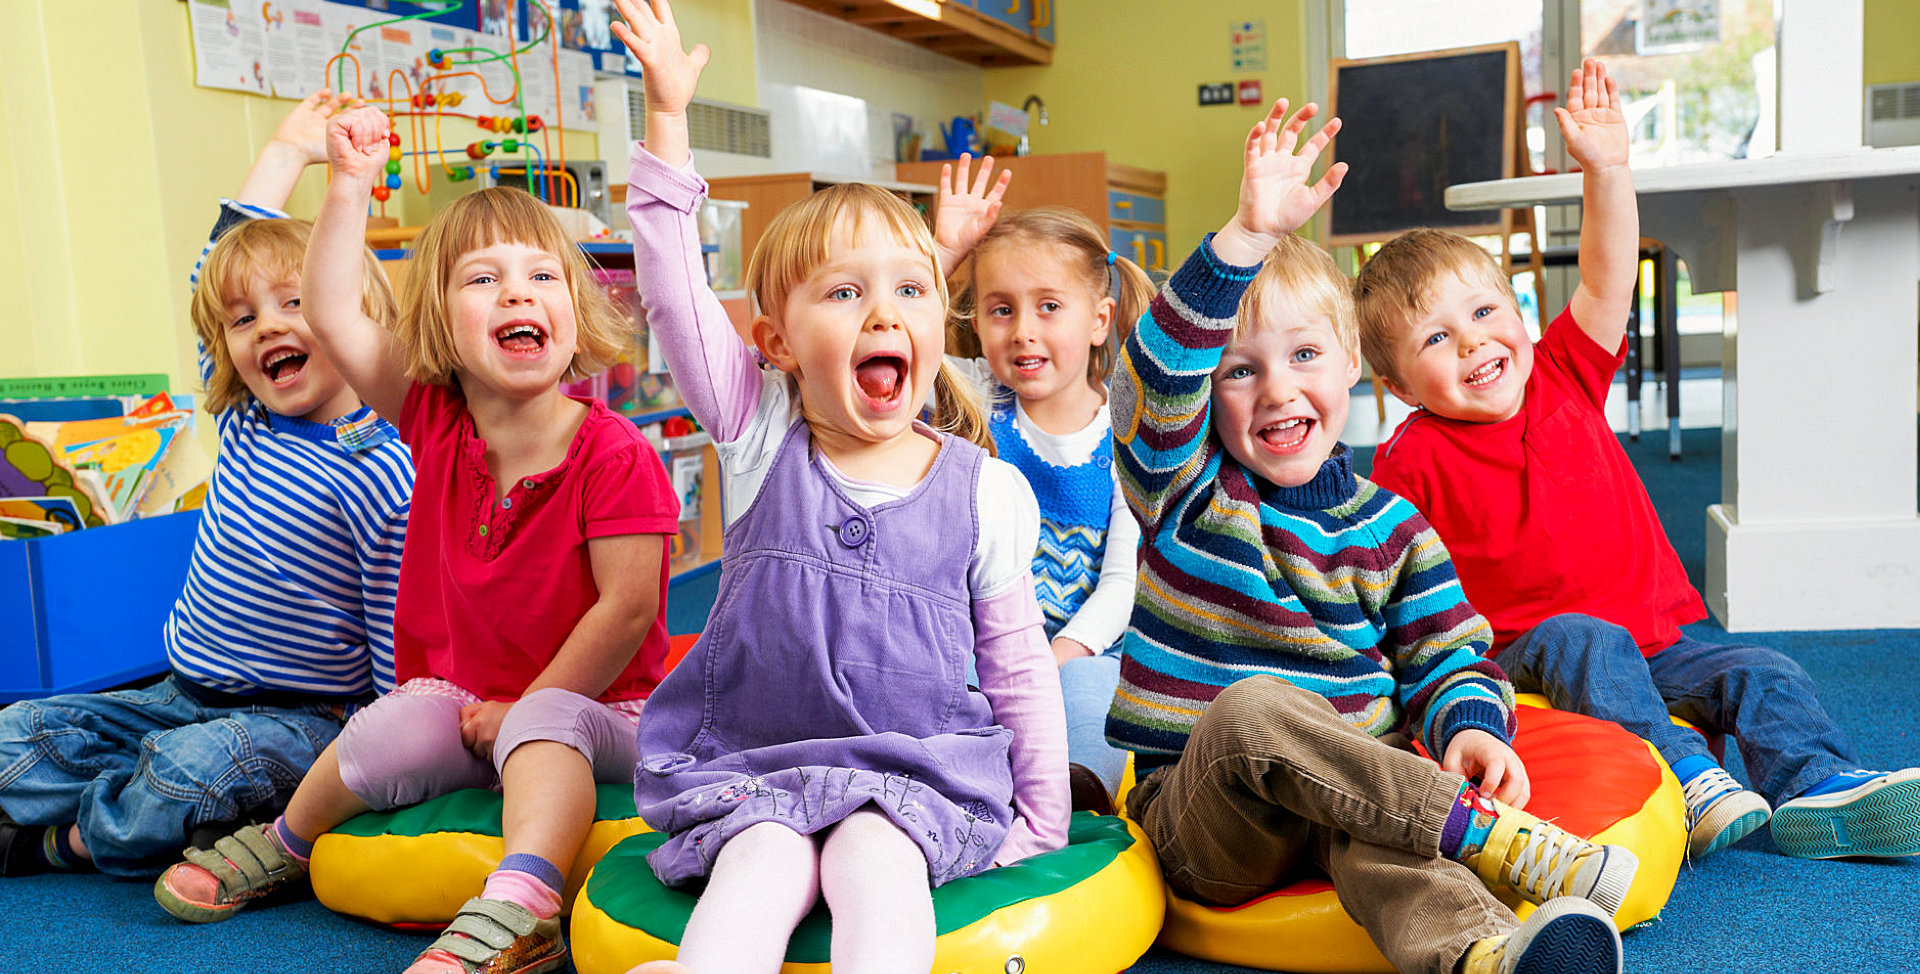 children raising their hands